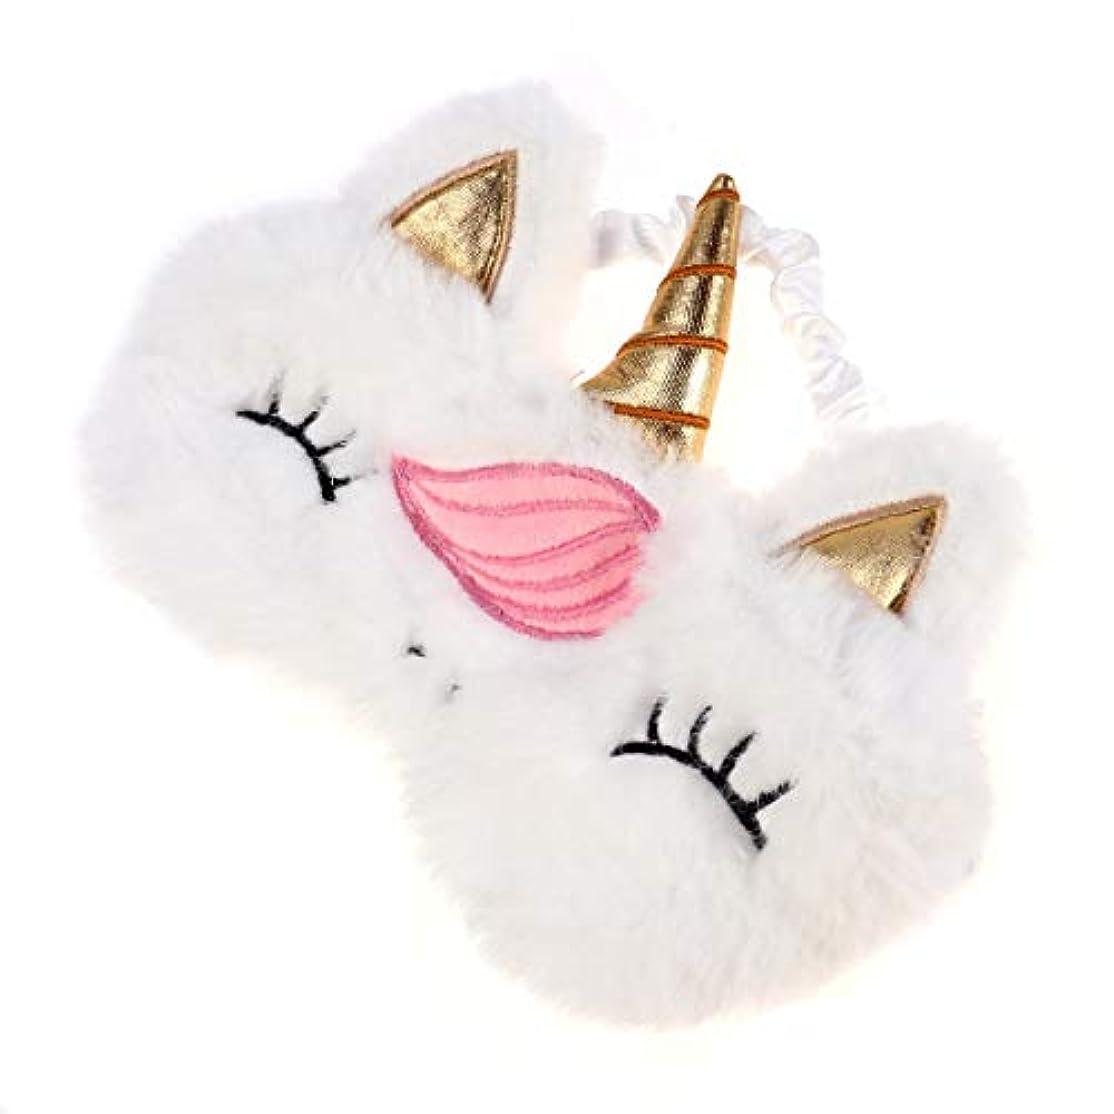 Lurrose ユニコーン睡眠マスクアイカバーぬいぐるみ目隠しかわいいアイカバーアイシェード用女性女の子旅行夜眠る